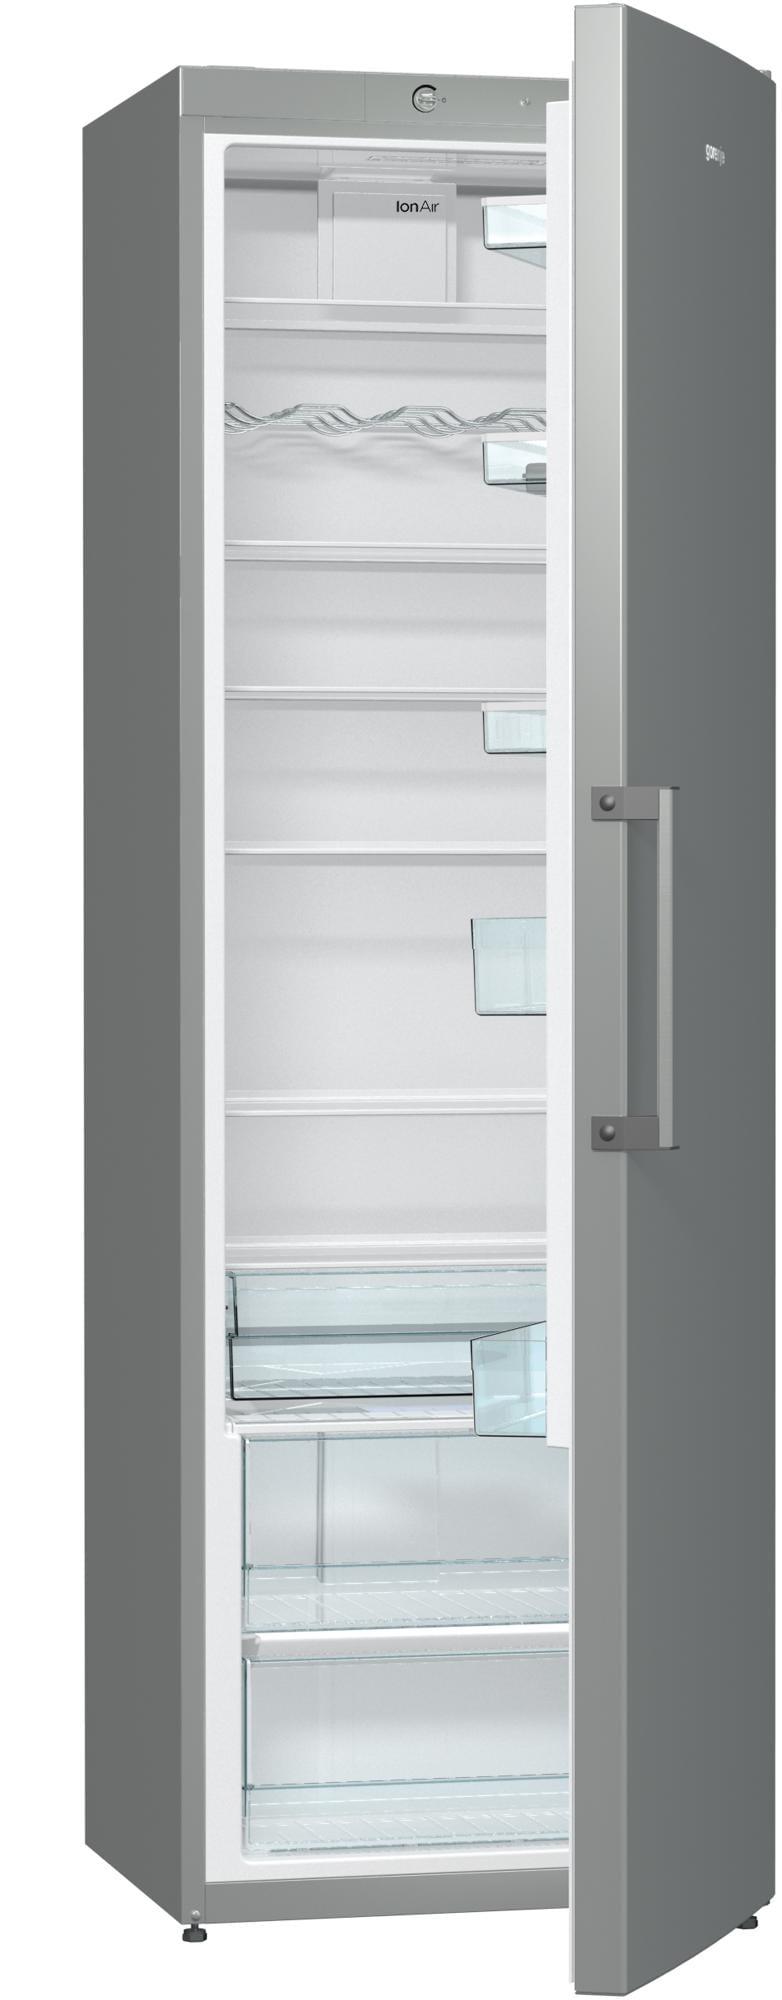 gorenje r6192fx a k hlschrank inox 60 cm breit von. Black Bedroom Furniture Sets. Home Design Ideas